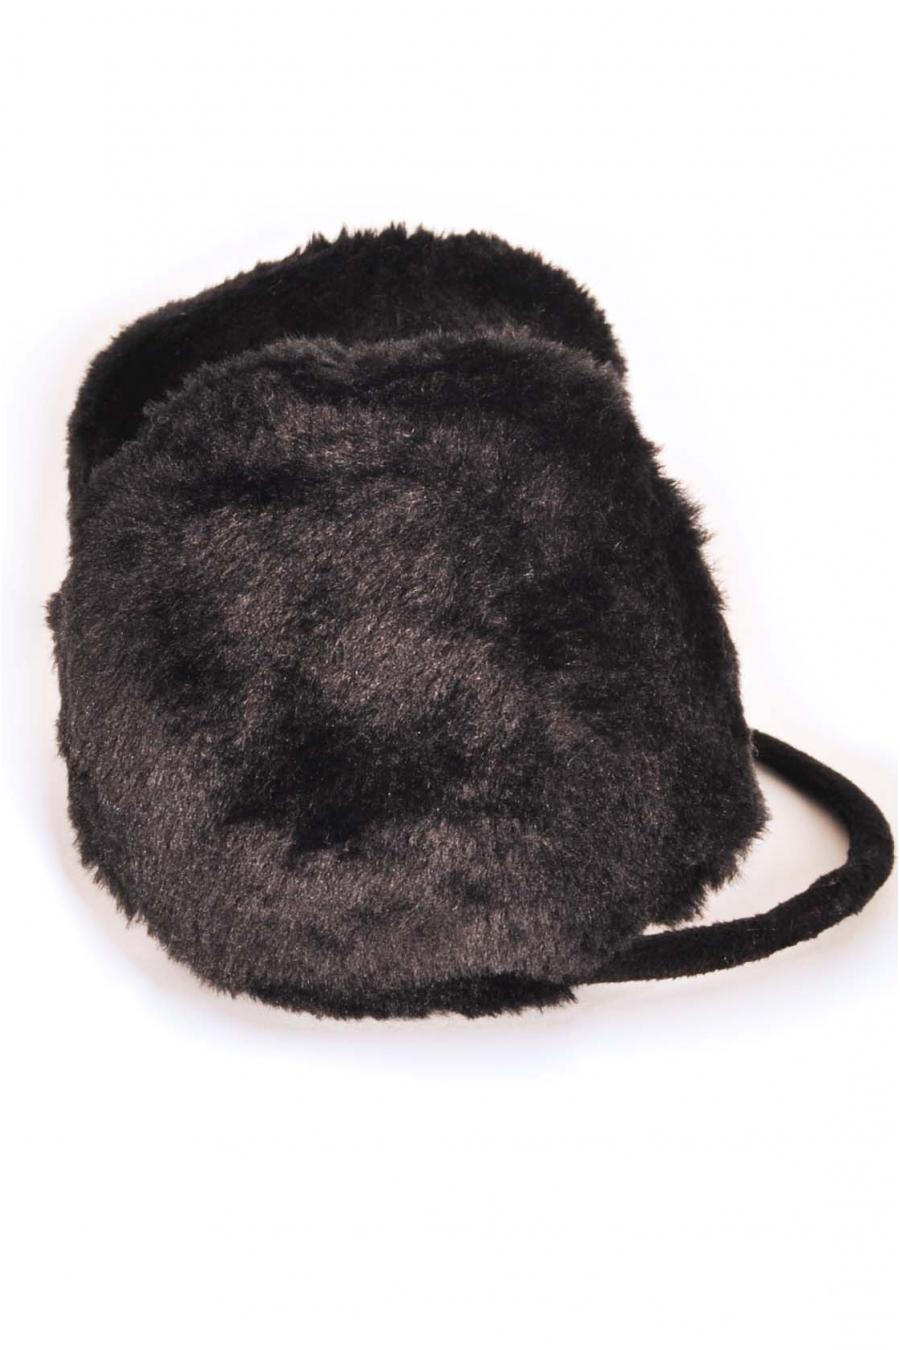 Earmuffs. Wholesaler of Ear Muffs